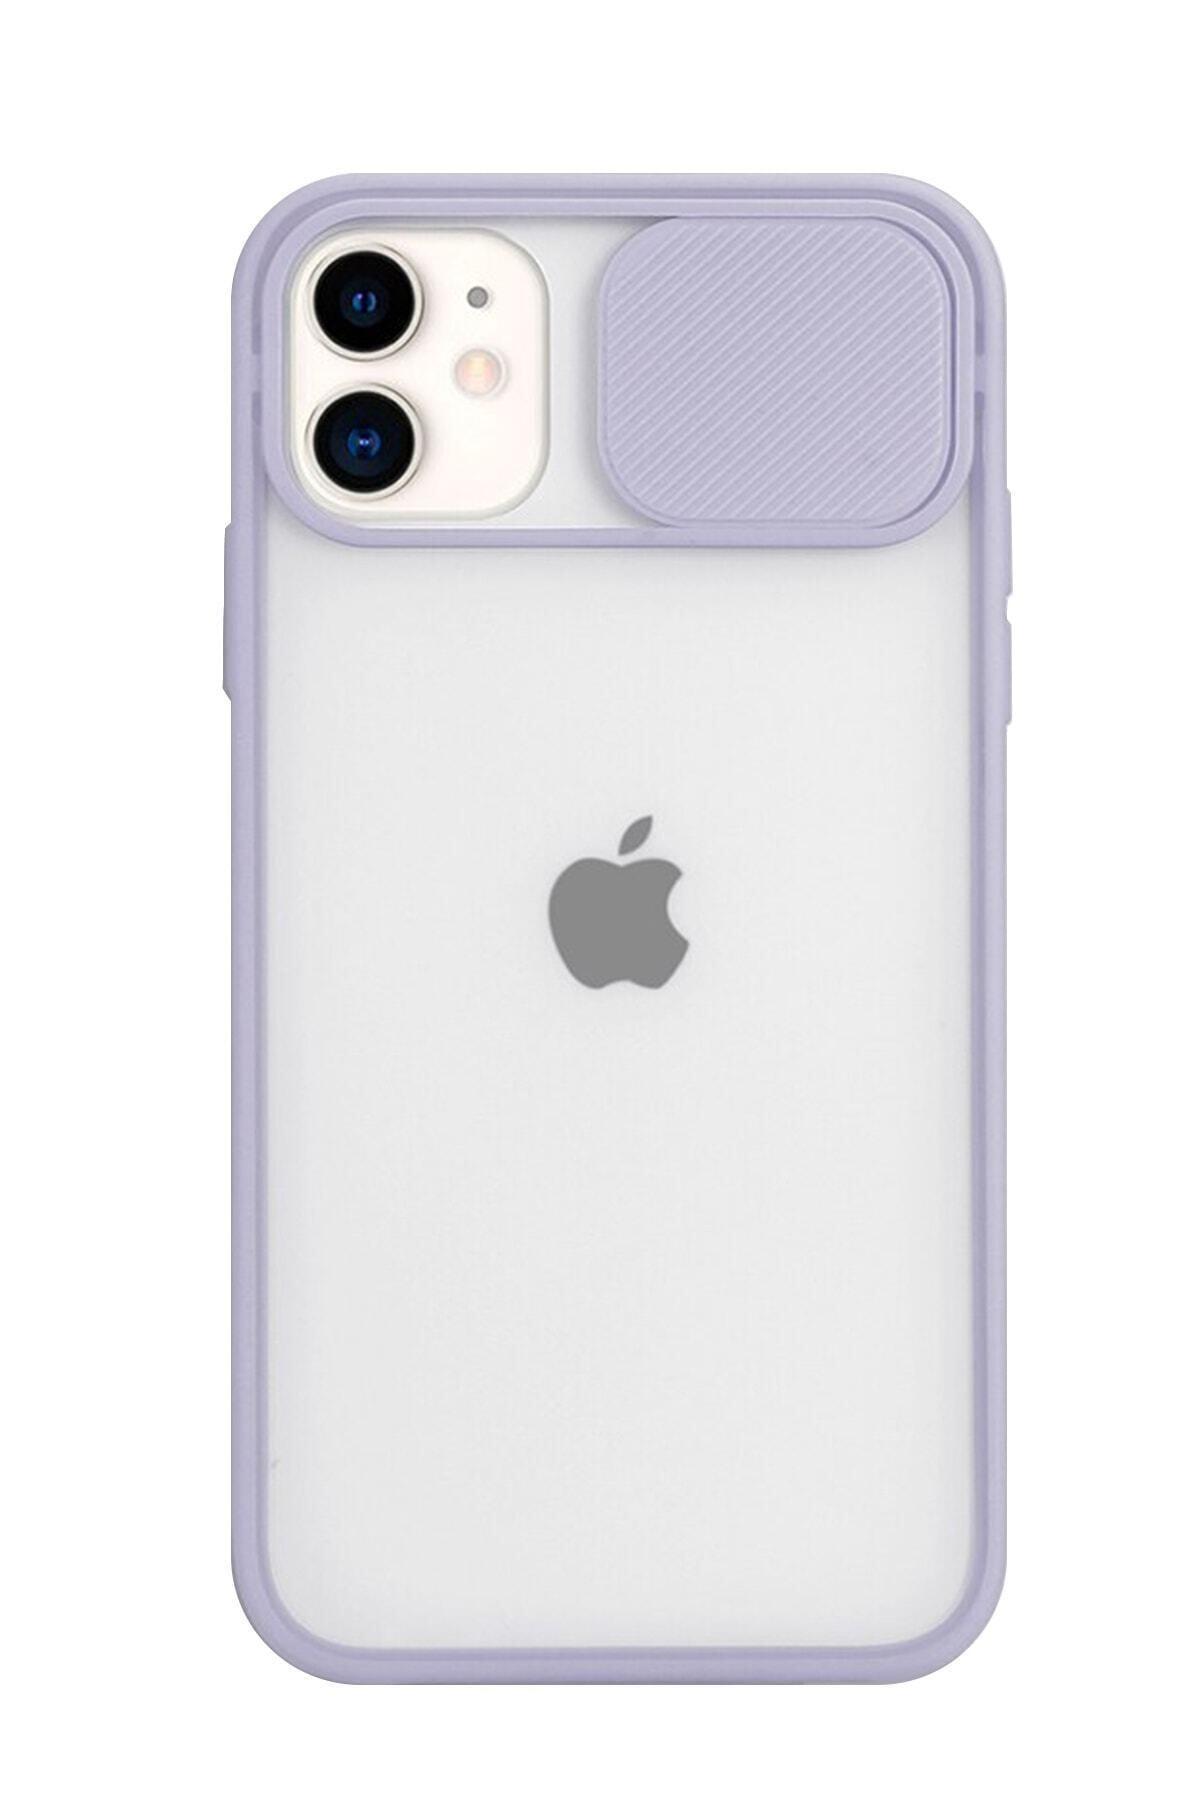 Muhteşempazar Iphone 11 Kamera Slayt Korumalı Lila Şeffaf Telefon Kılıfı 1